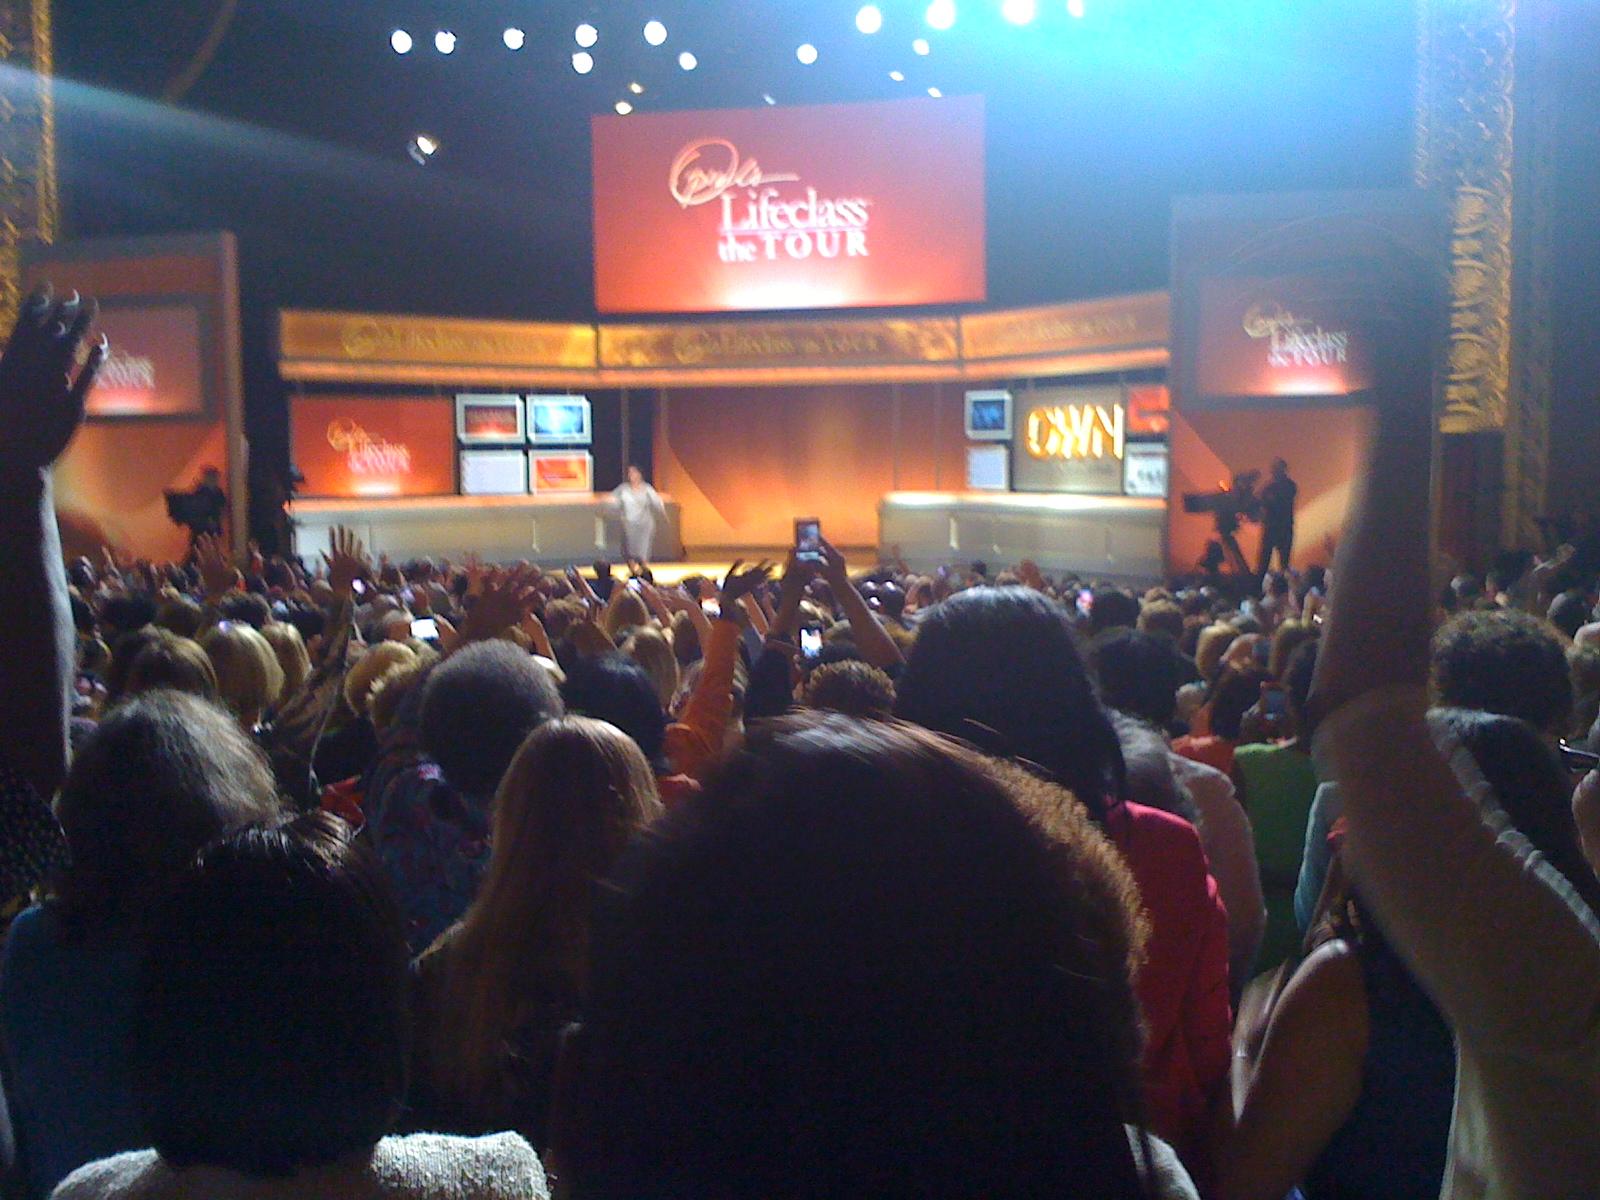 Oprah's Lifeclass Tour